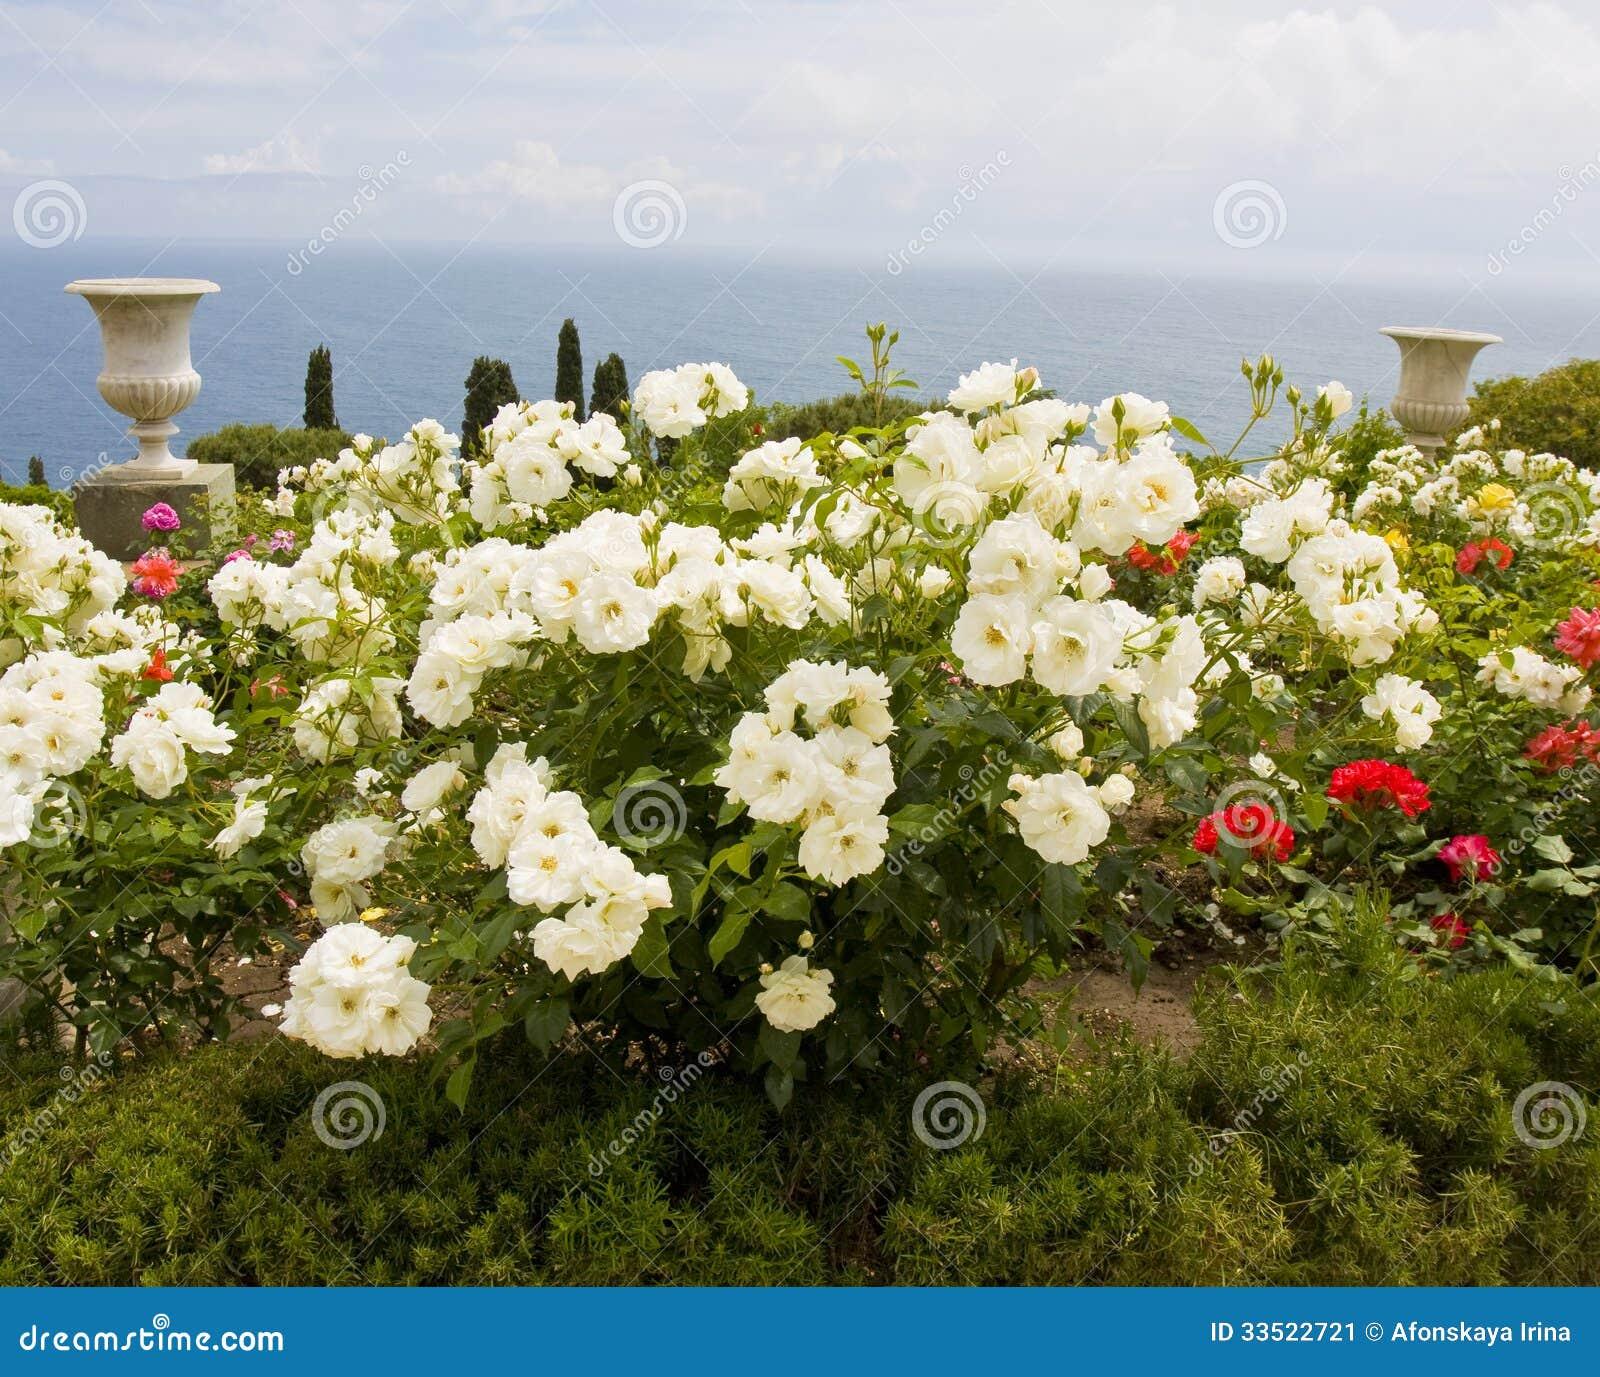 flores jardim do mar : flores jardim do mar:Rosas brancas no jardim na costa de mar, gravada no parque perto do